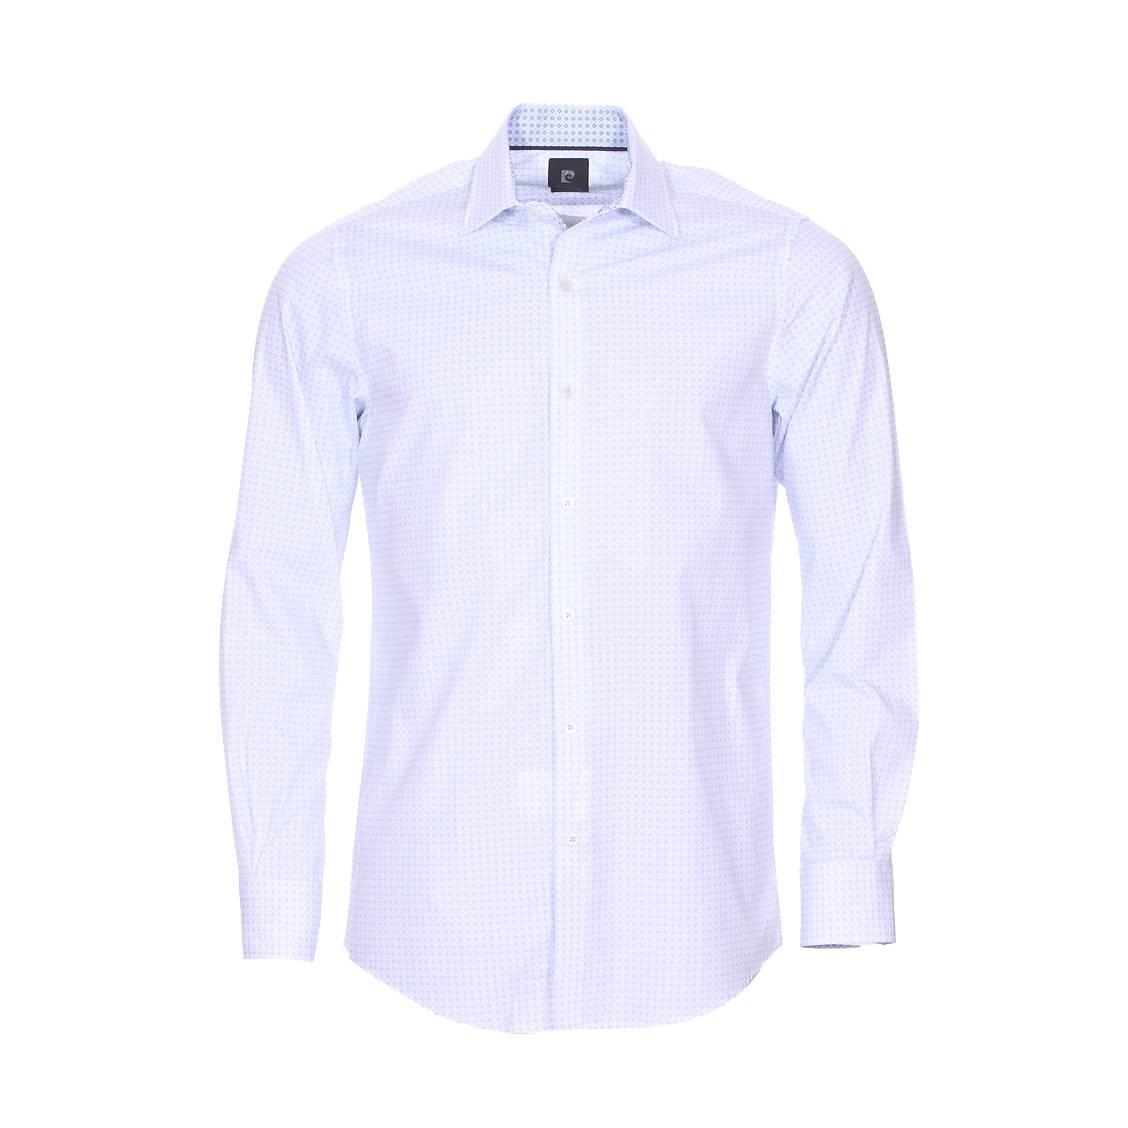 Chemise ajustée  en coton blanc à motifs bleu ciel